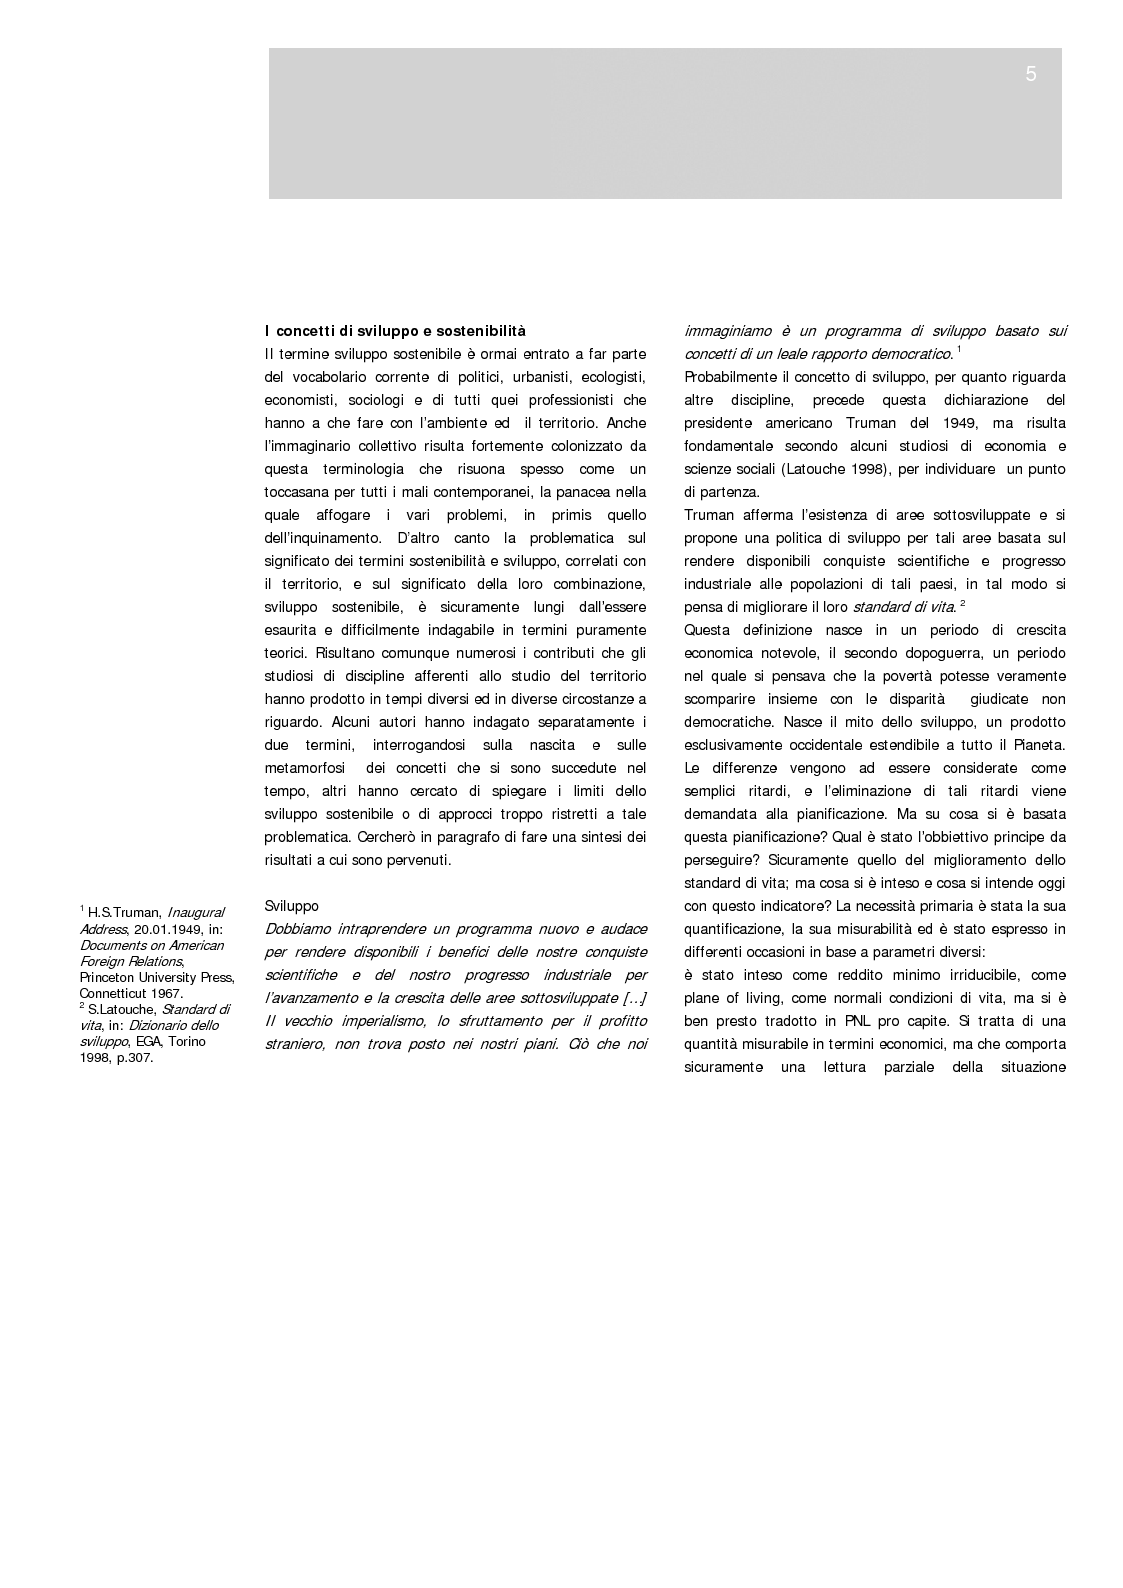 Anteprima della tesi: Strategie di riqualificazione dell'ambiente costruito: Progetto Pilota per l'area Corvin-Szigony a Budapest, Pagina 4